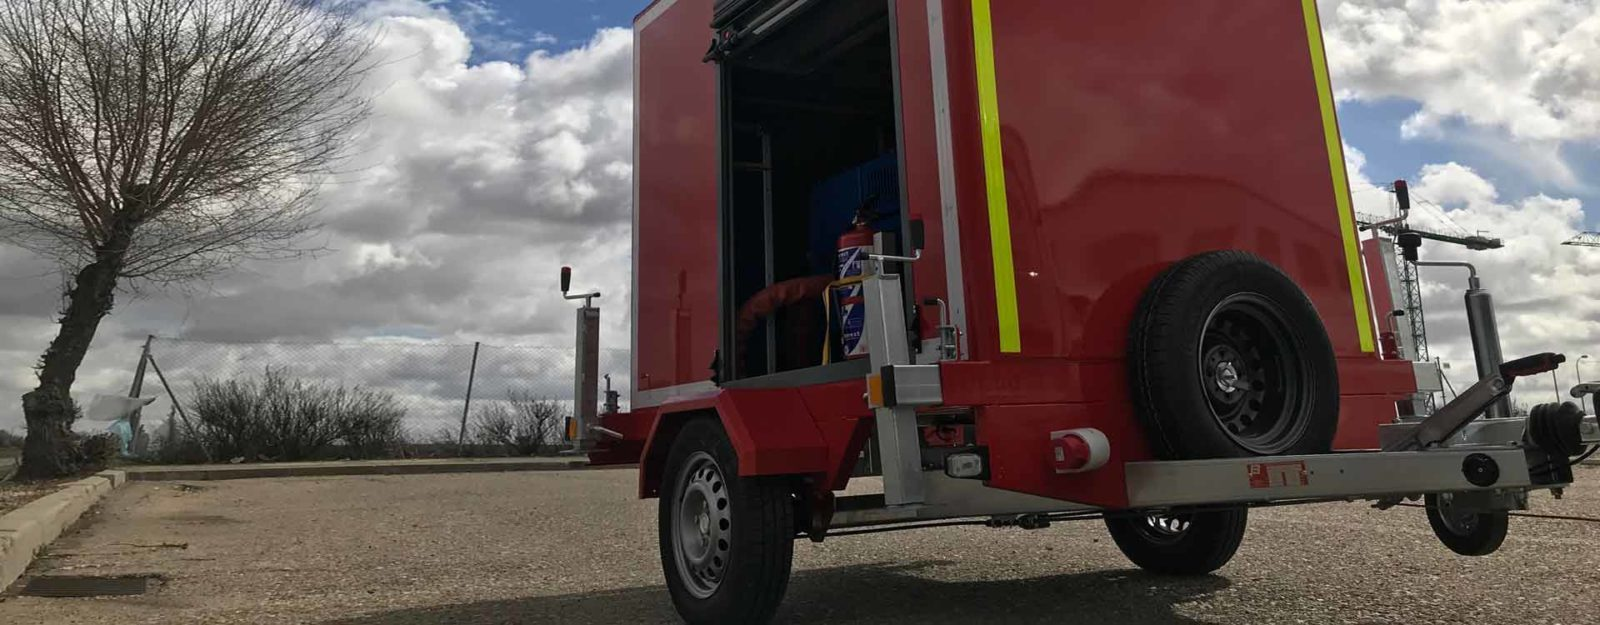 remolques emergencias accesorios mástiles contraincendios bomberos rescate